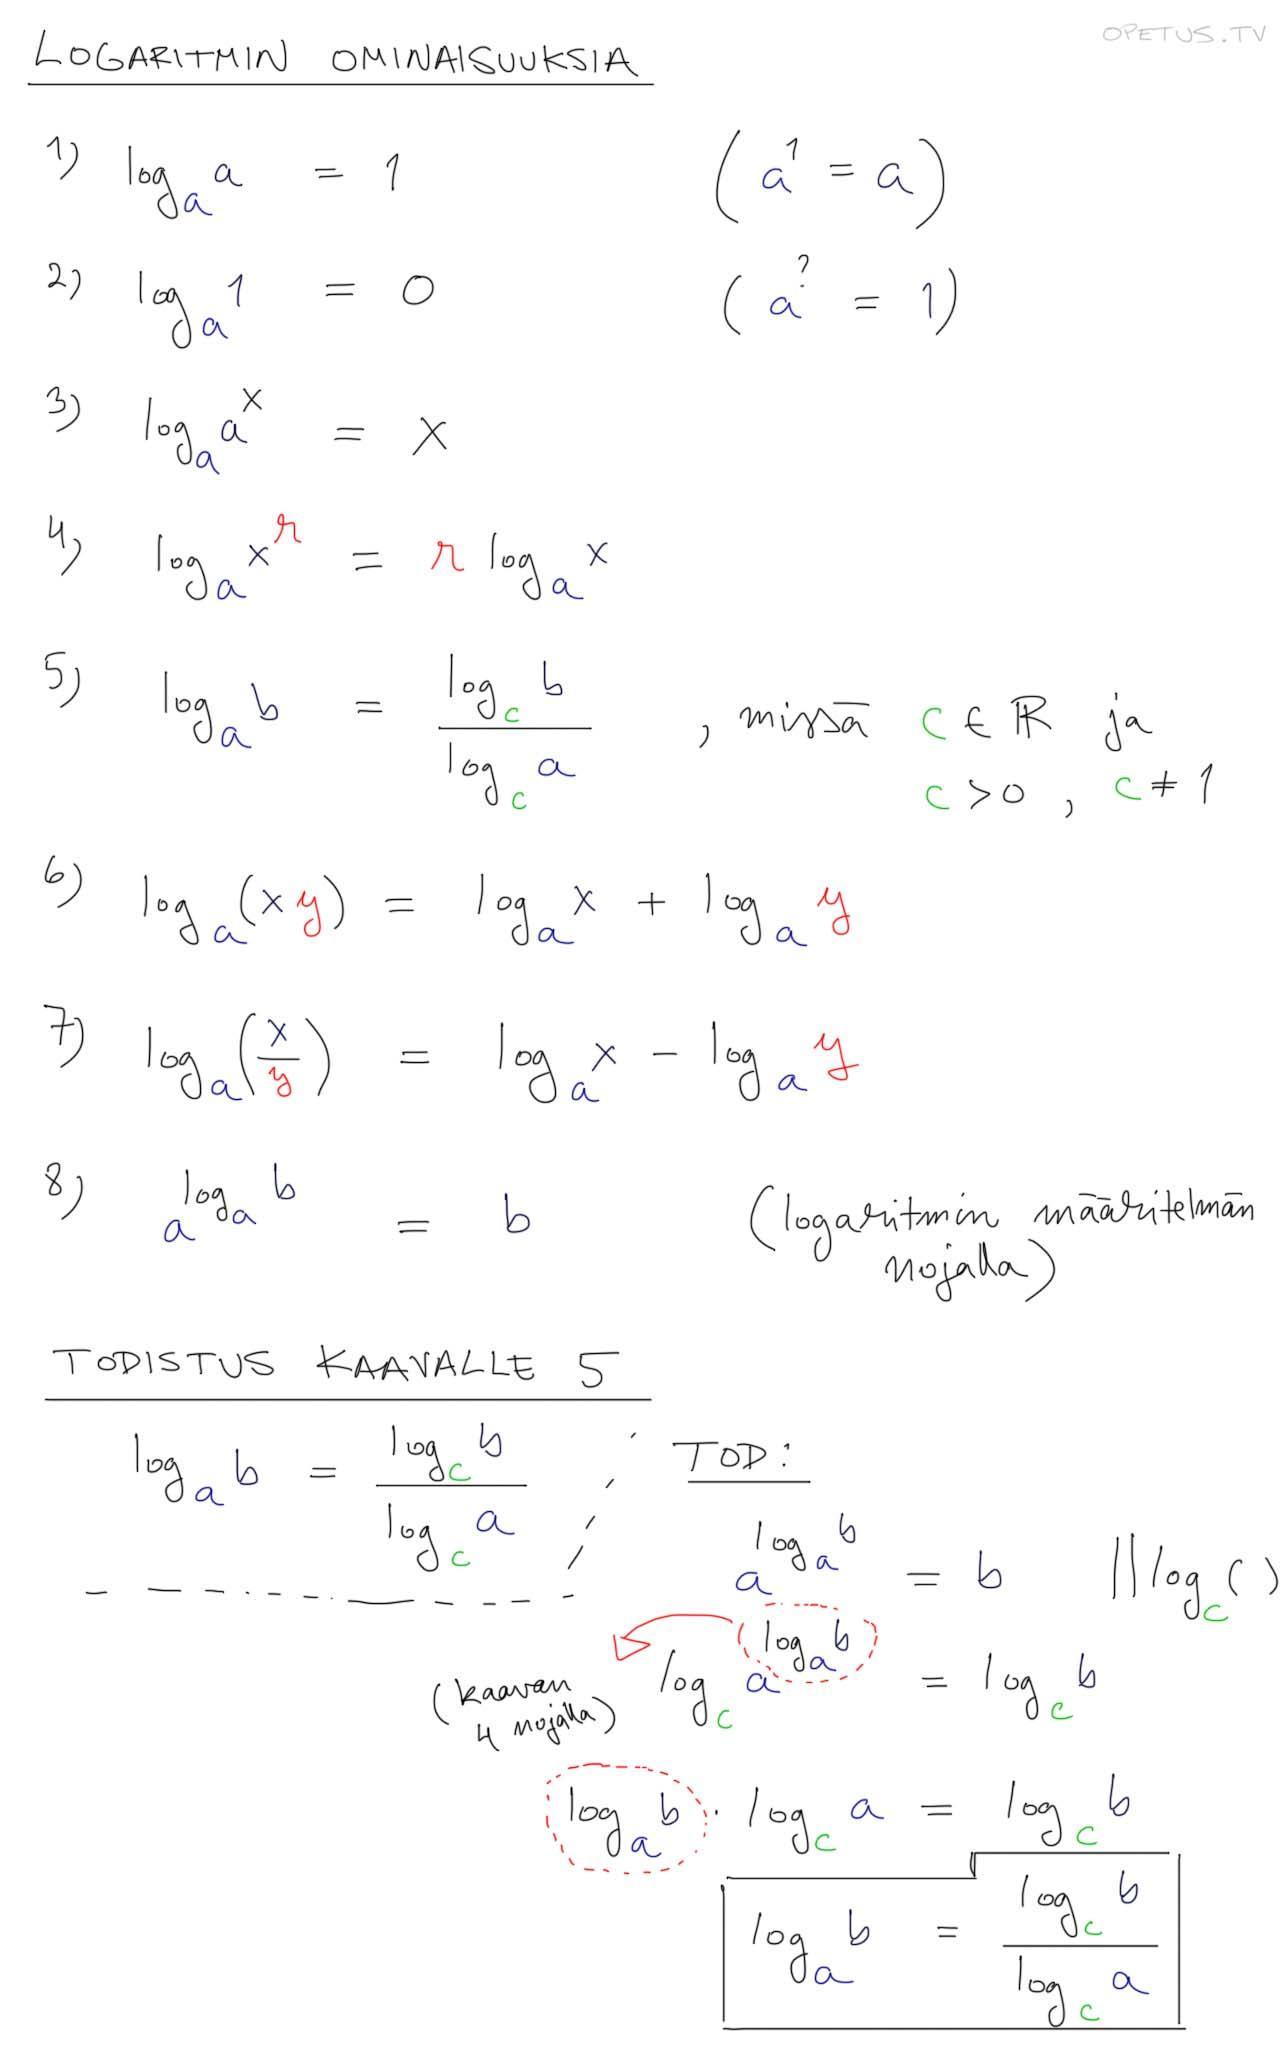 Logaritmien Laskusäännöt